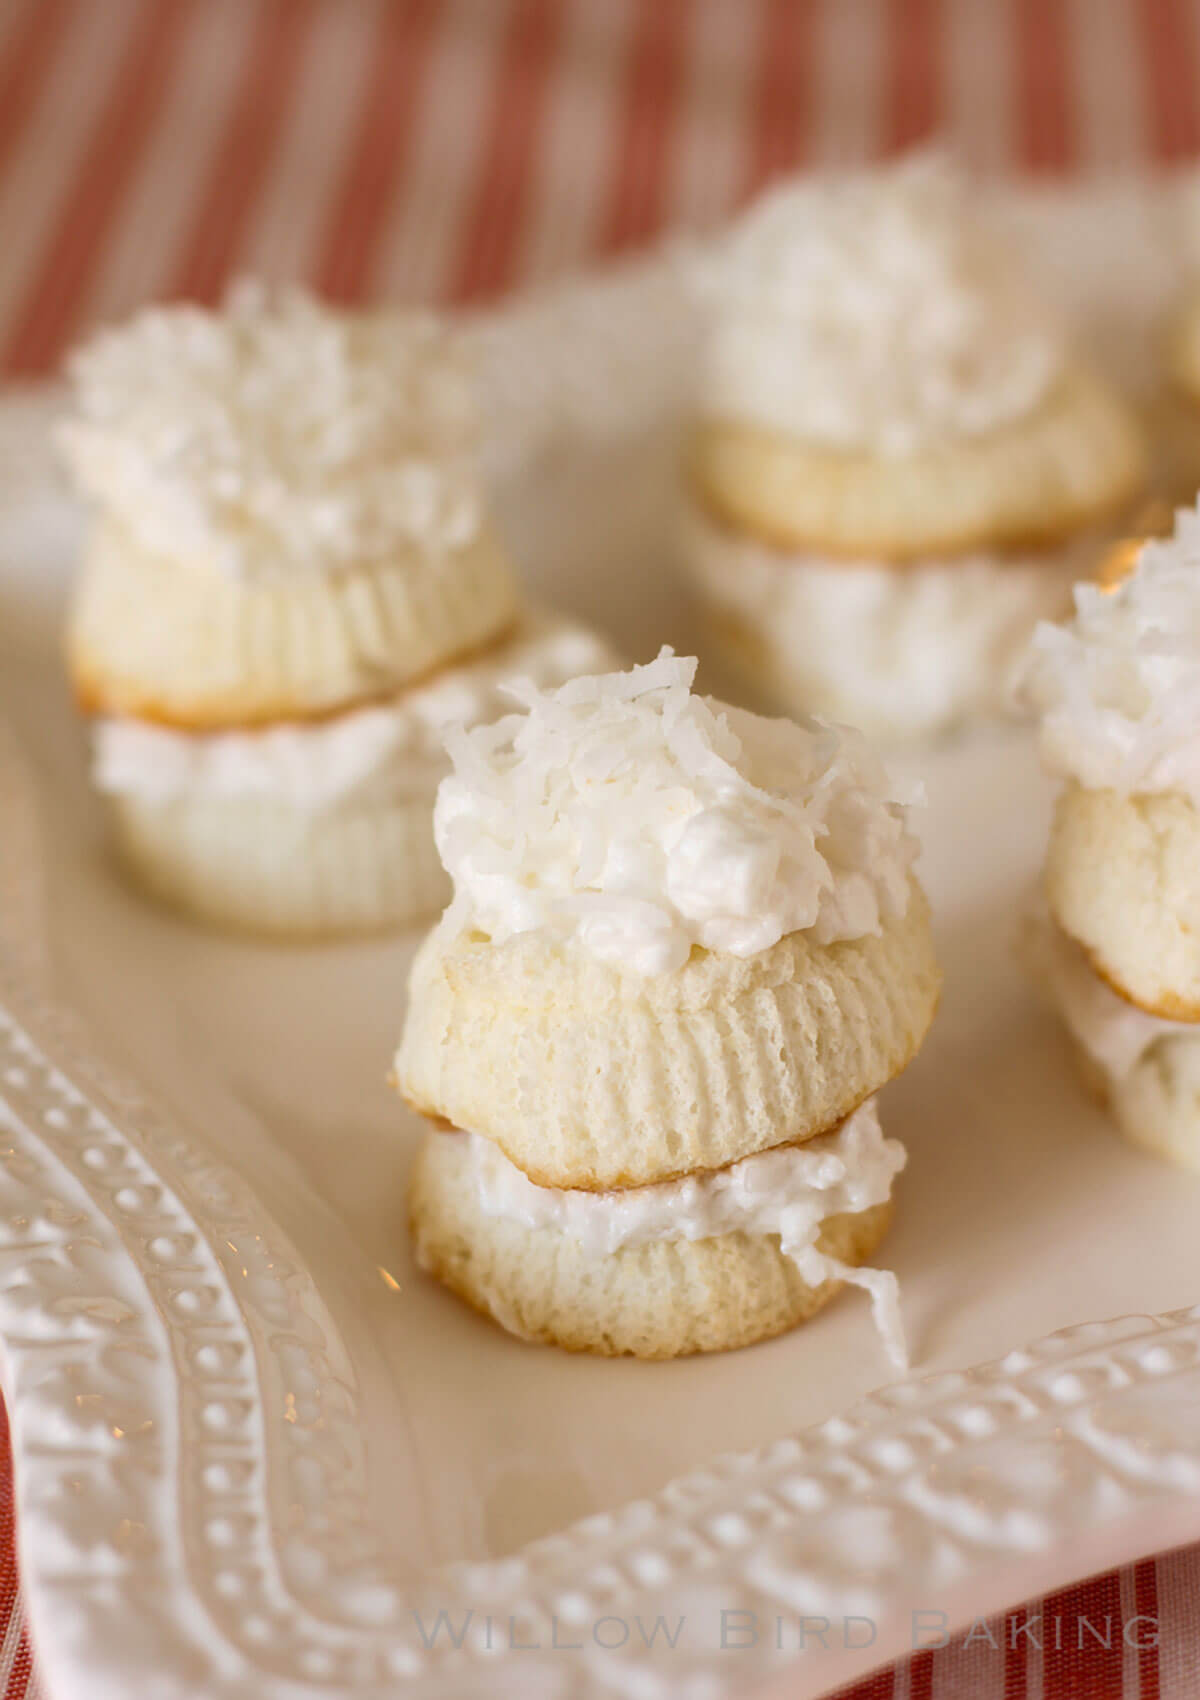 Skinny Mini Coconut Cakes